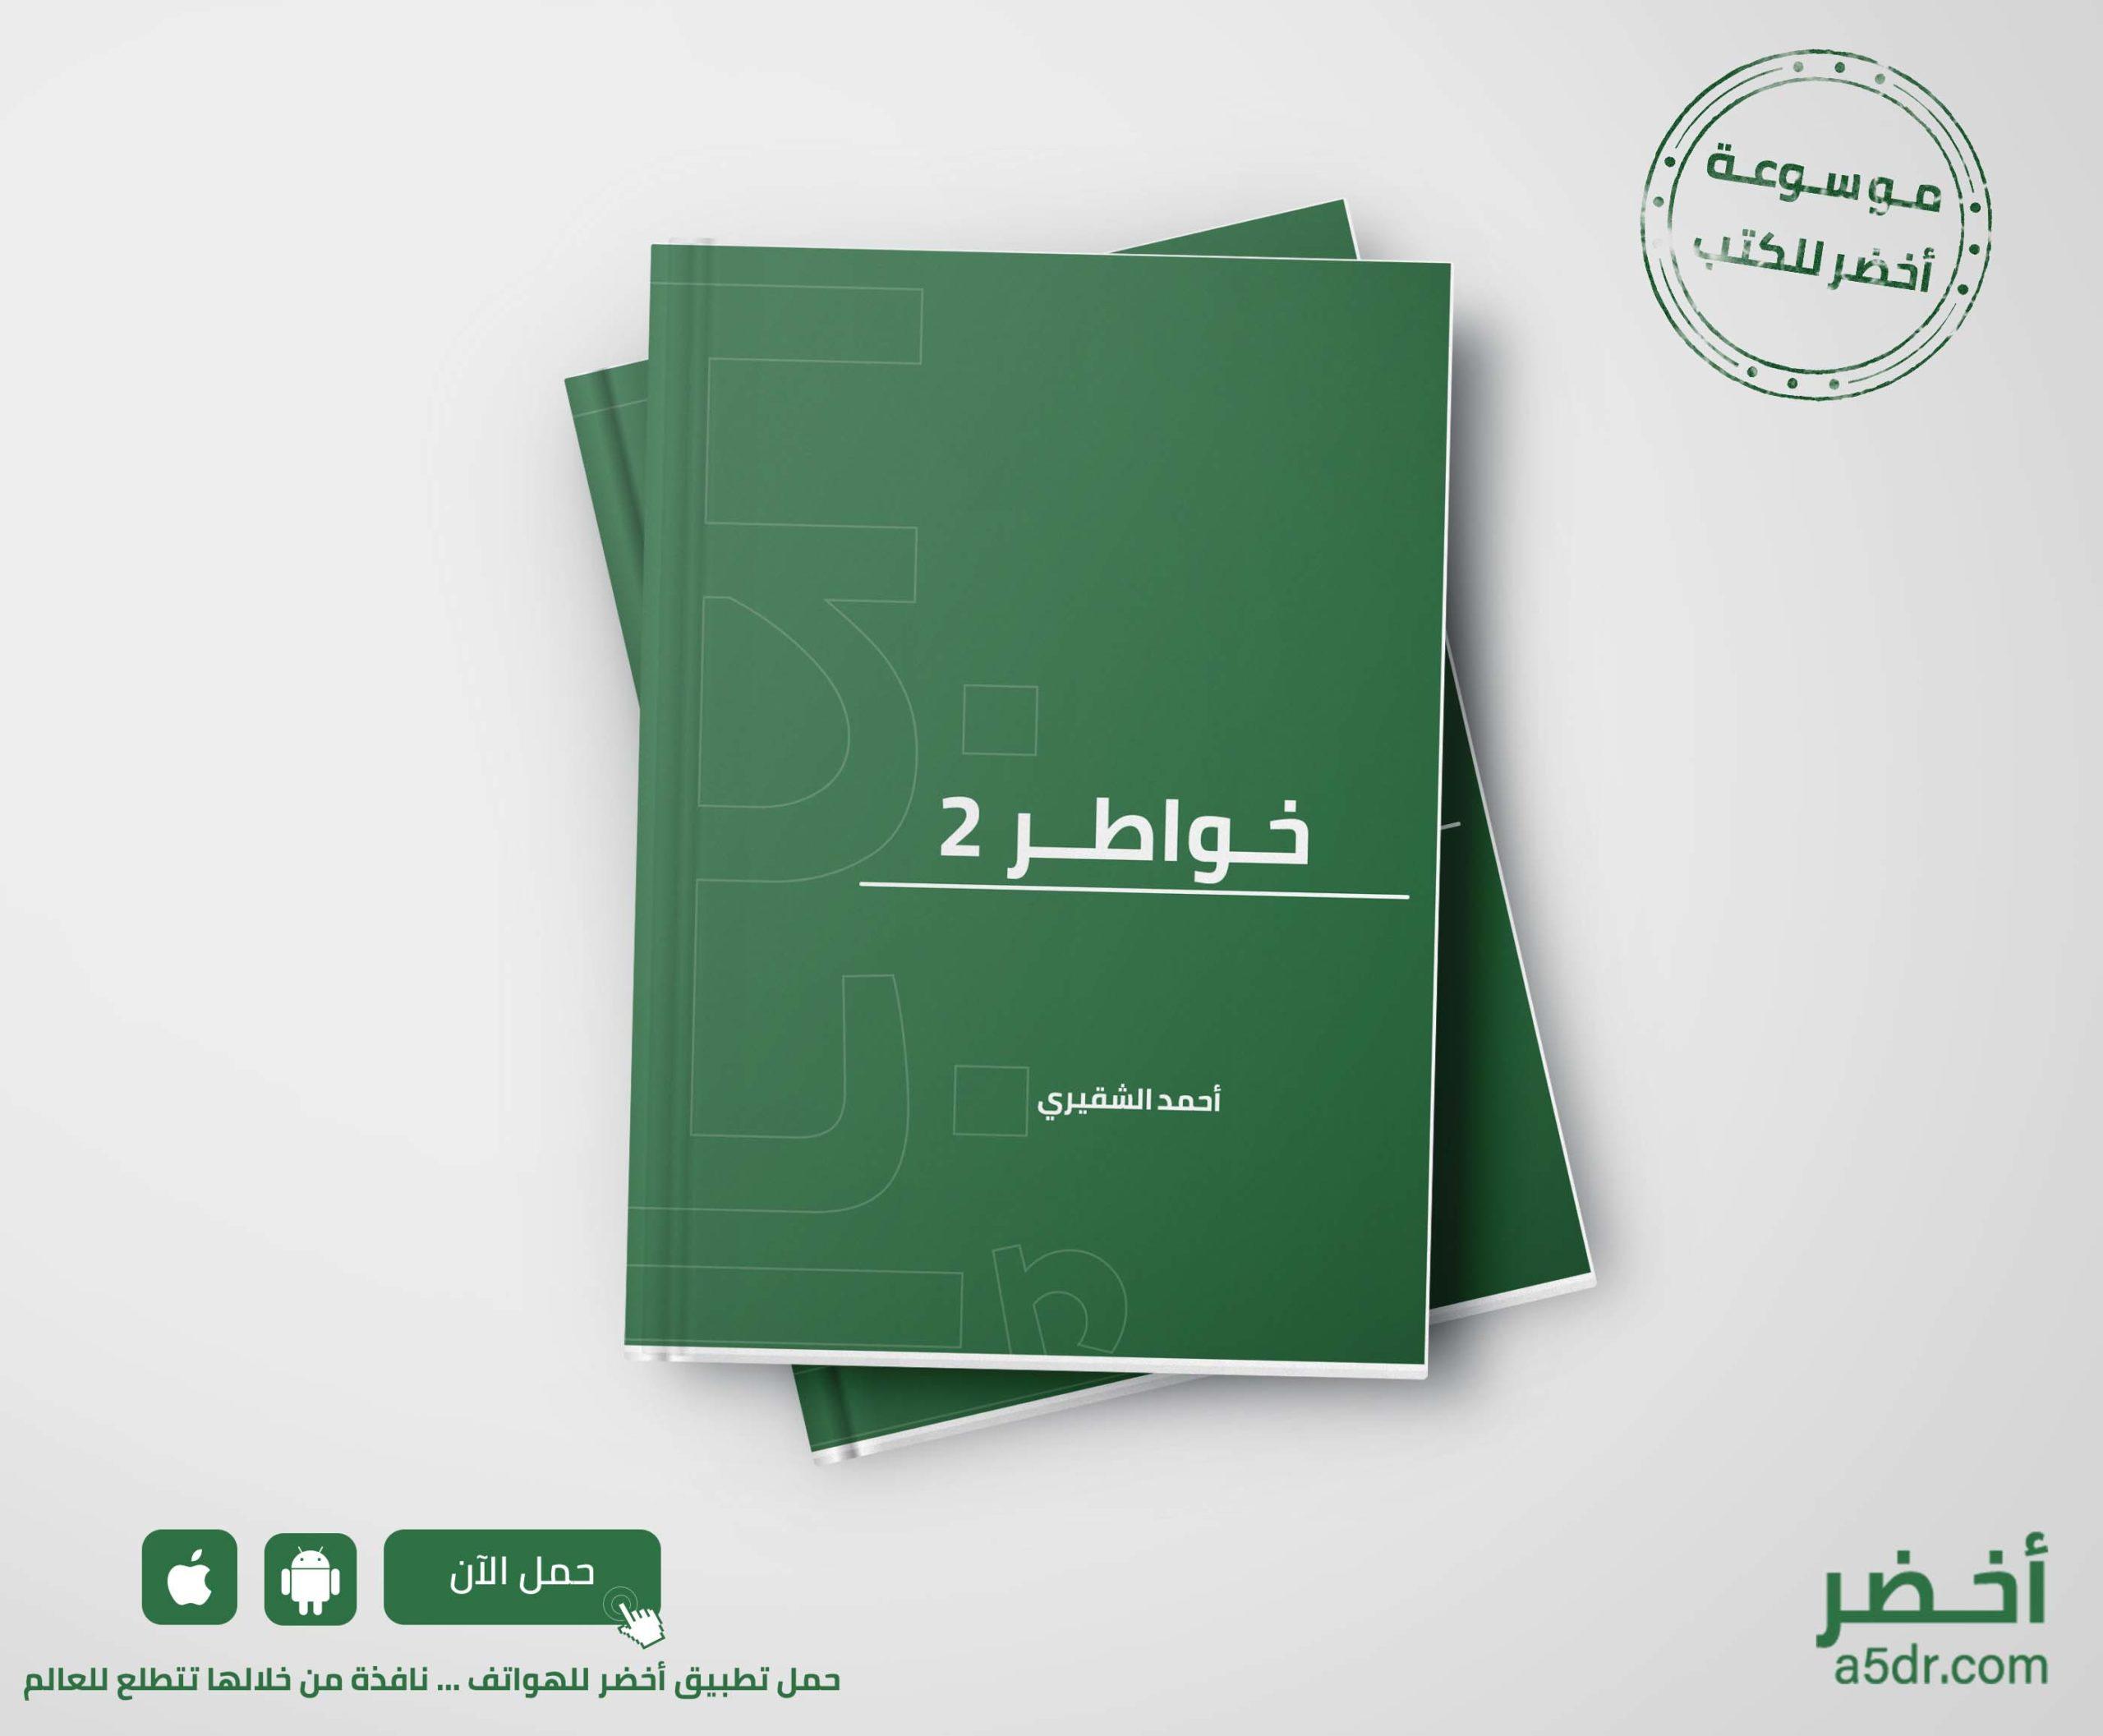 كتاب خواطر 2 - أحمد الشقيري